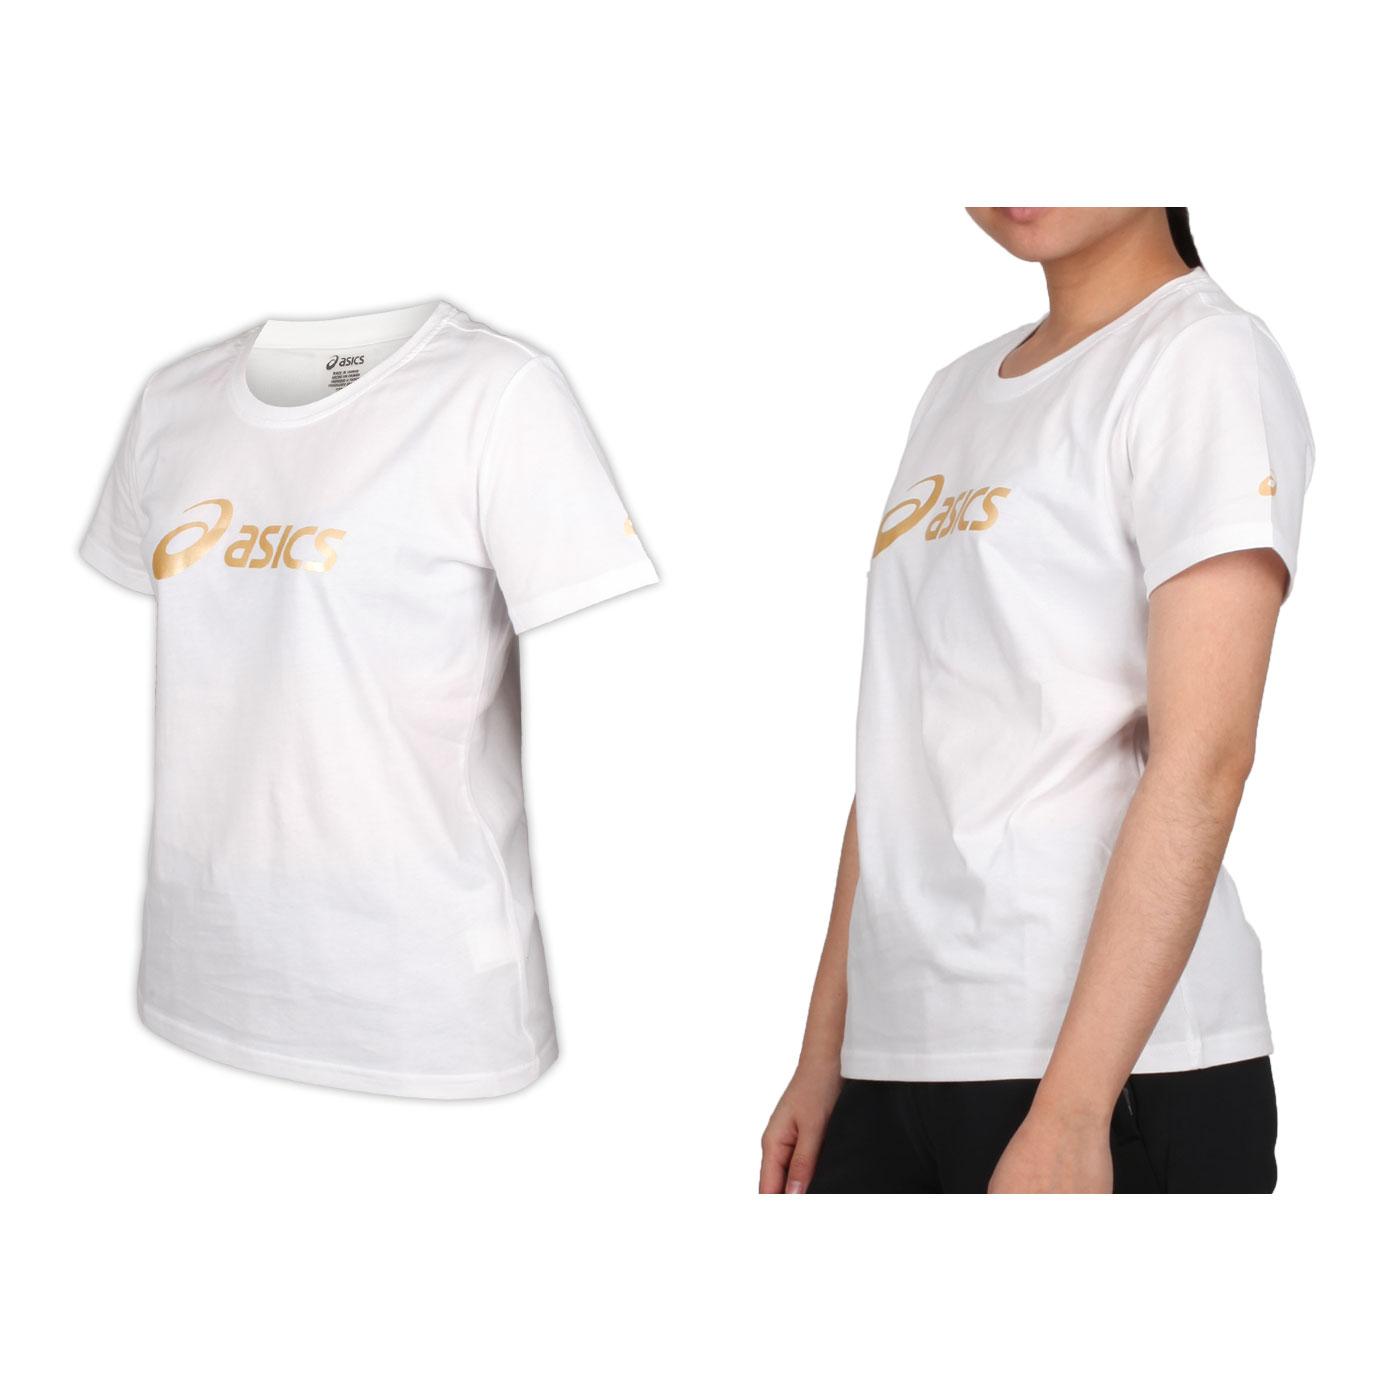 ASICS 女款短袖T恤 K12006-01 - 白香檳金